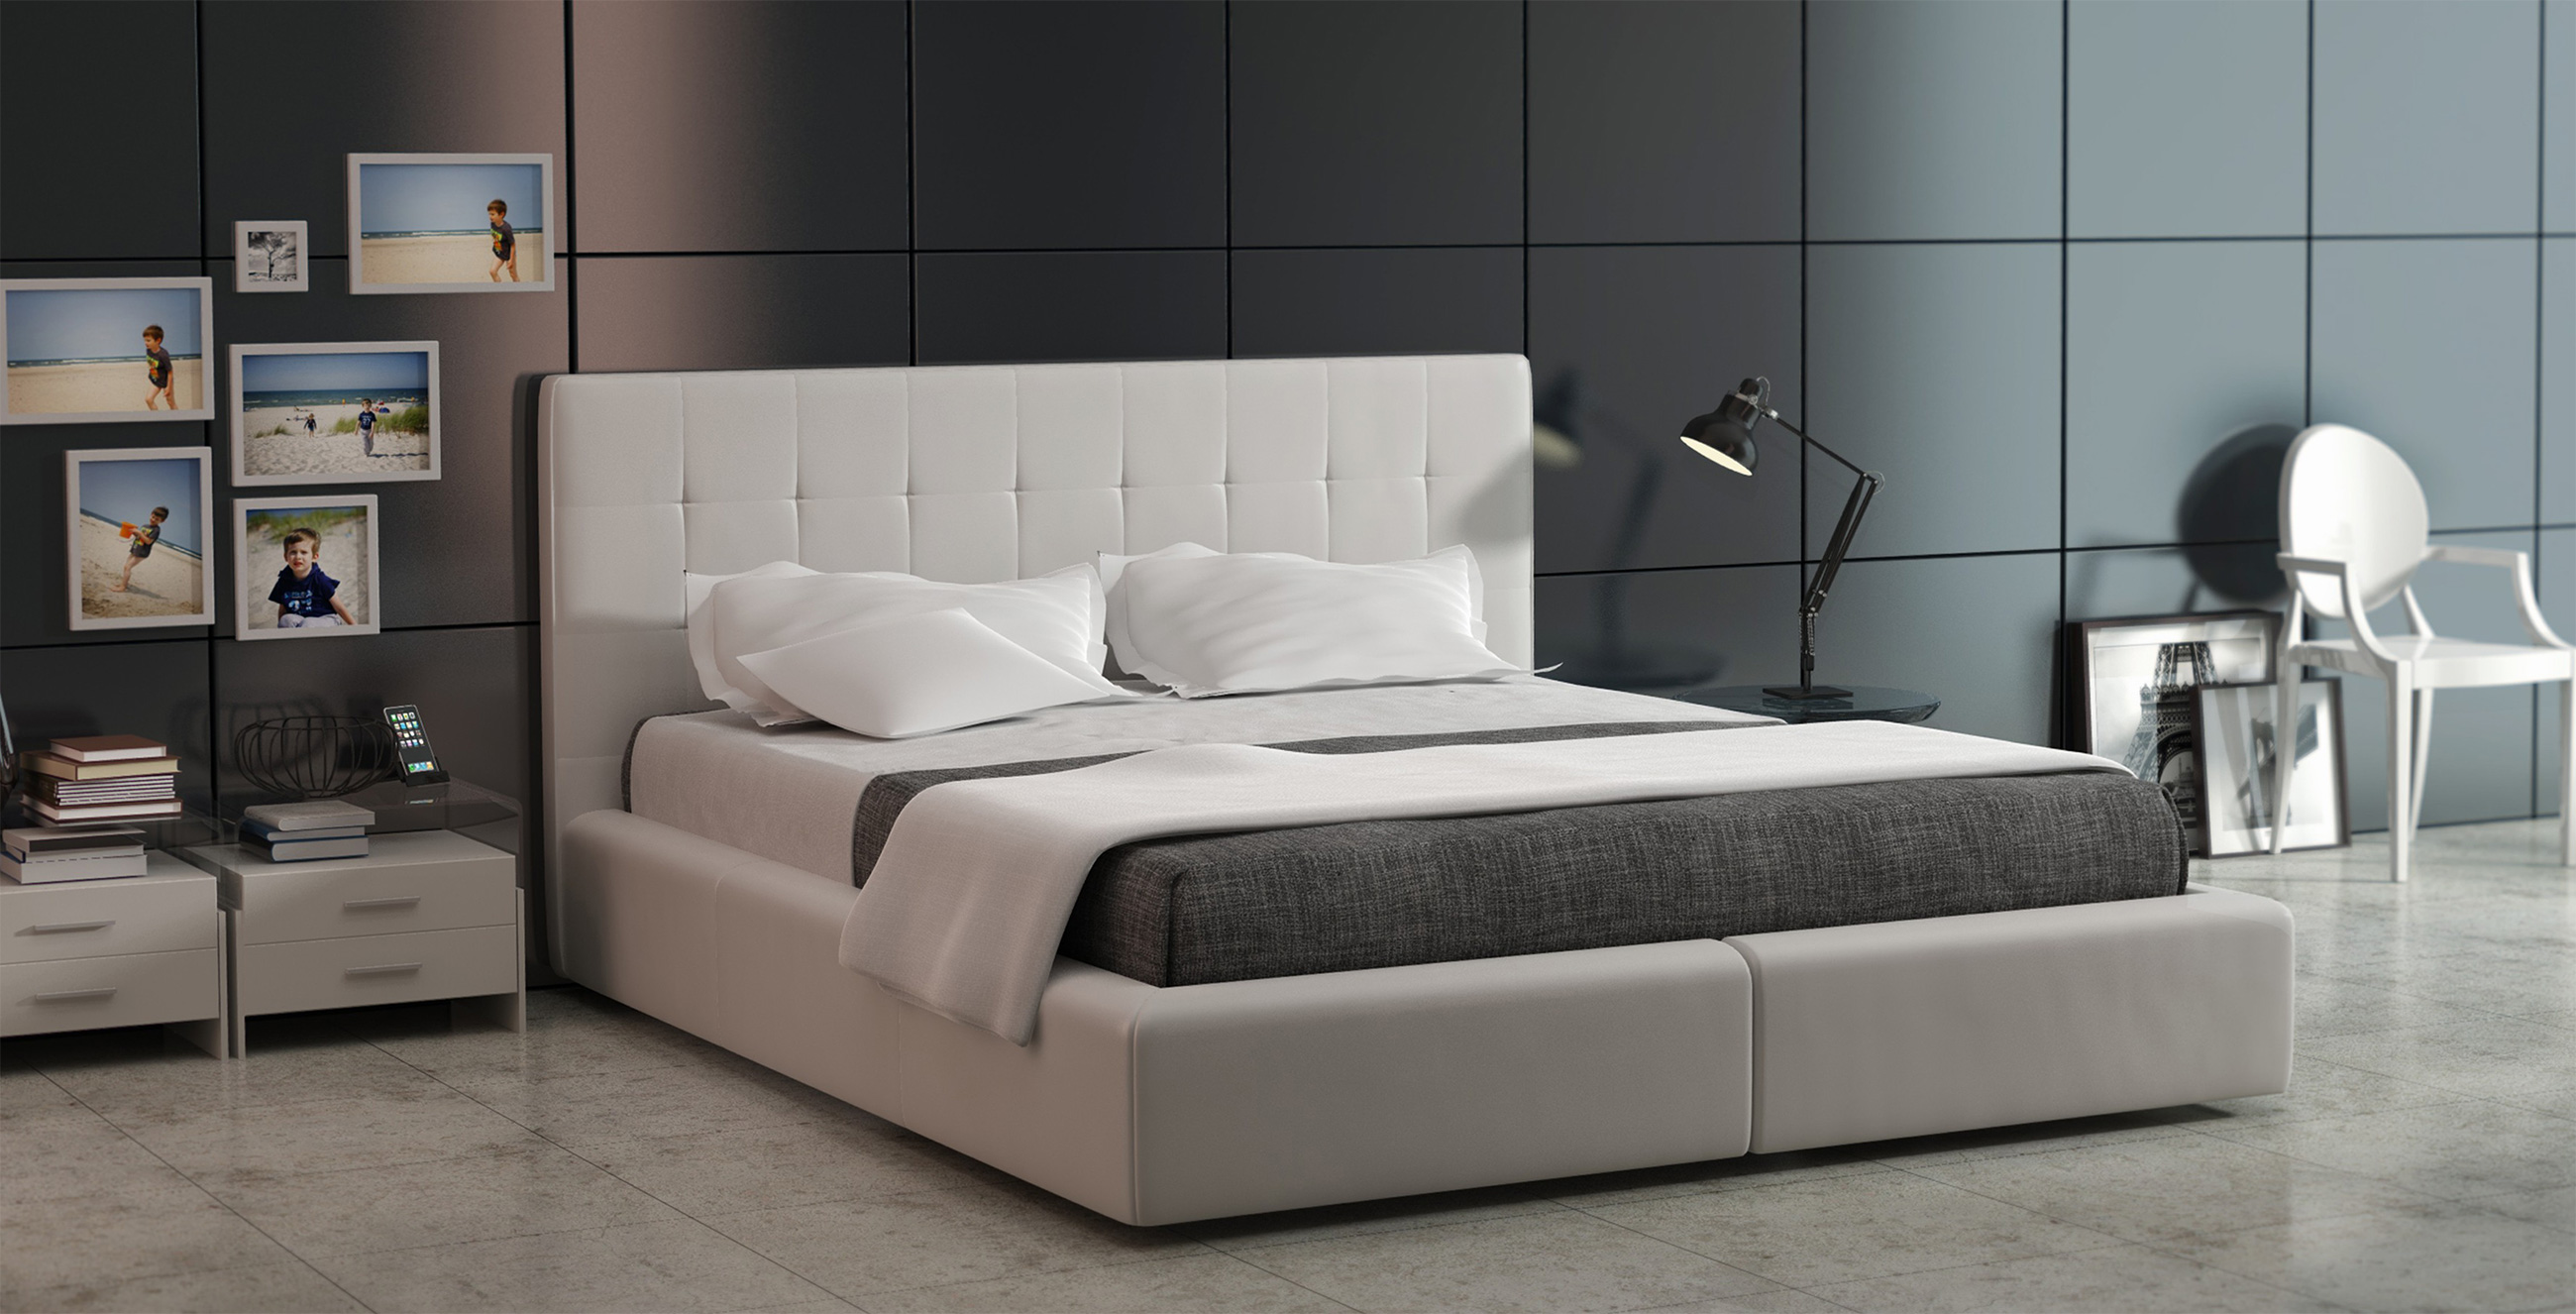 Corida Nowoczesne łóżko Do Sypialni Z Zagłówkiem Tc Meble